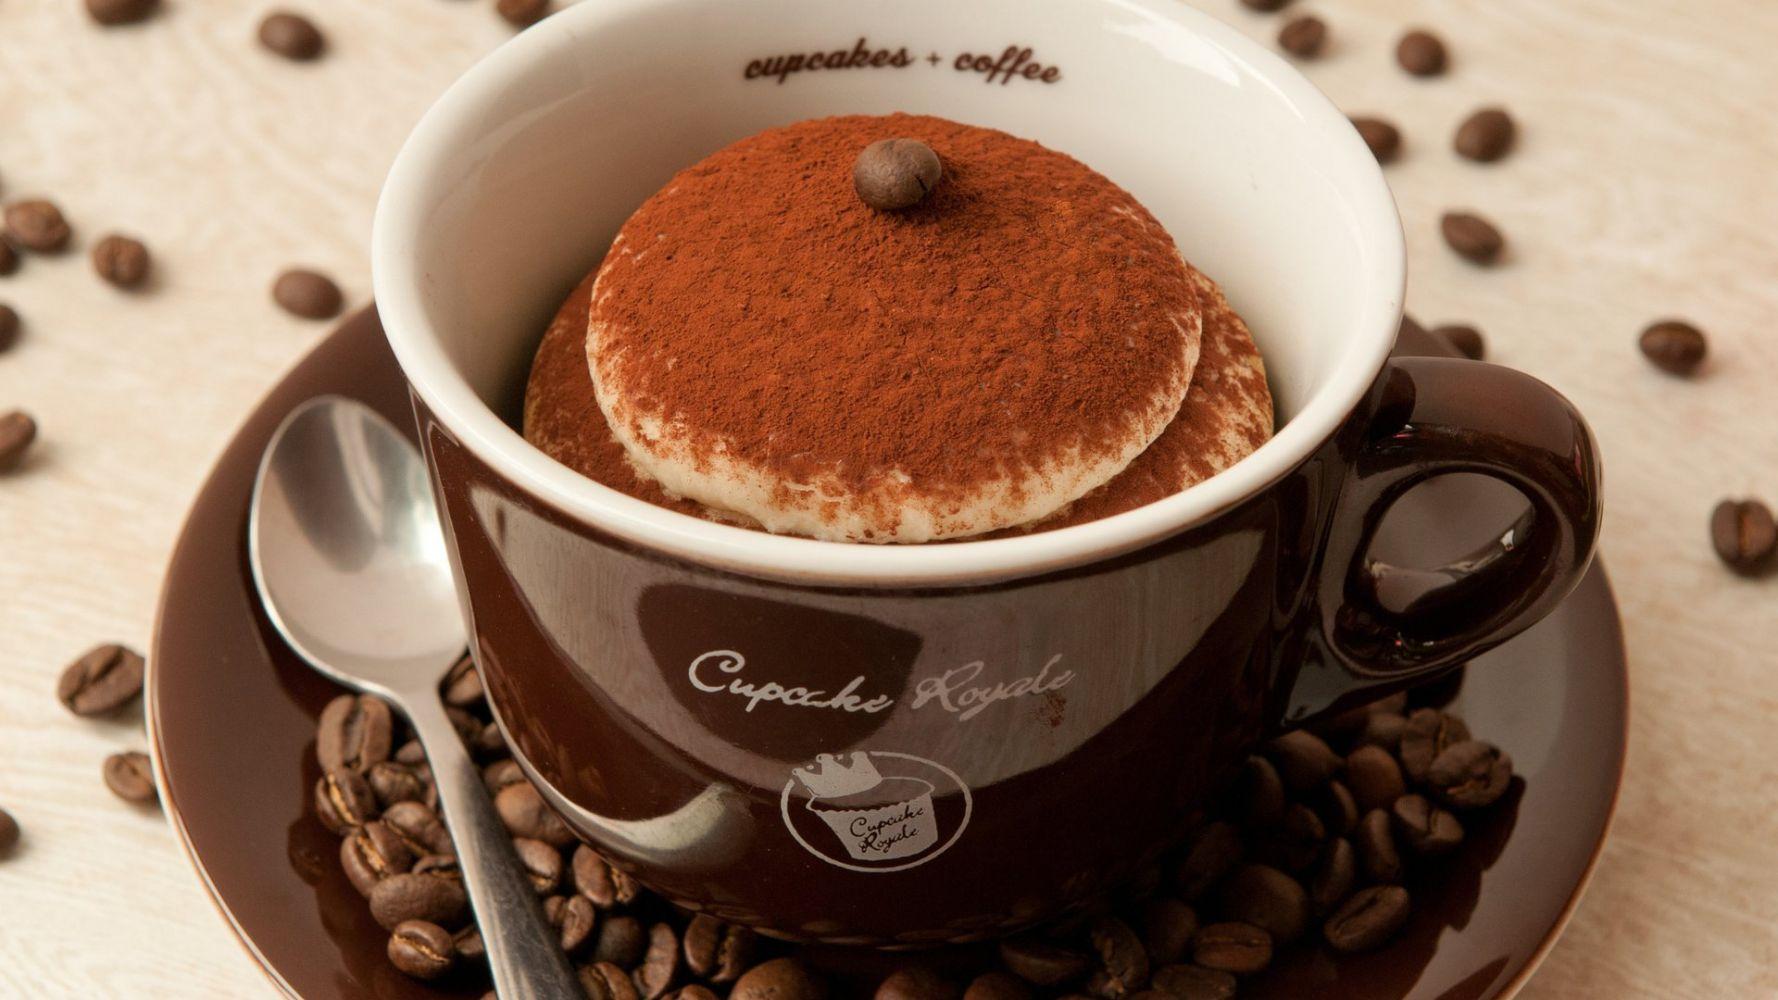 Картинка с чашкой кофе и сладостями, для